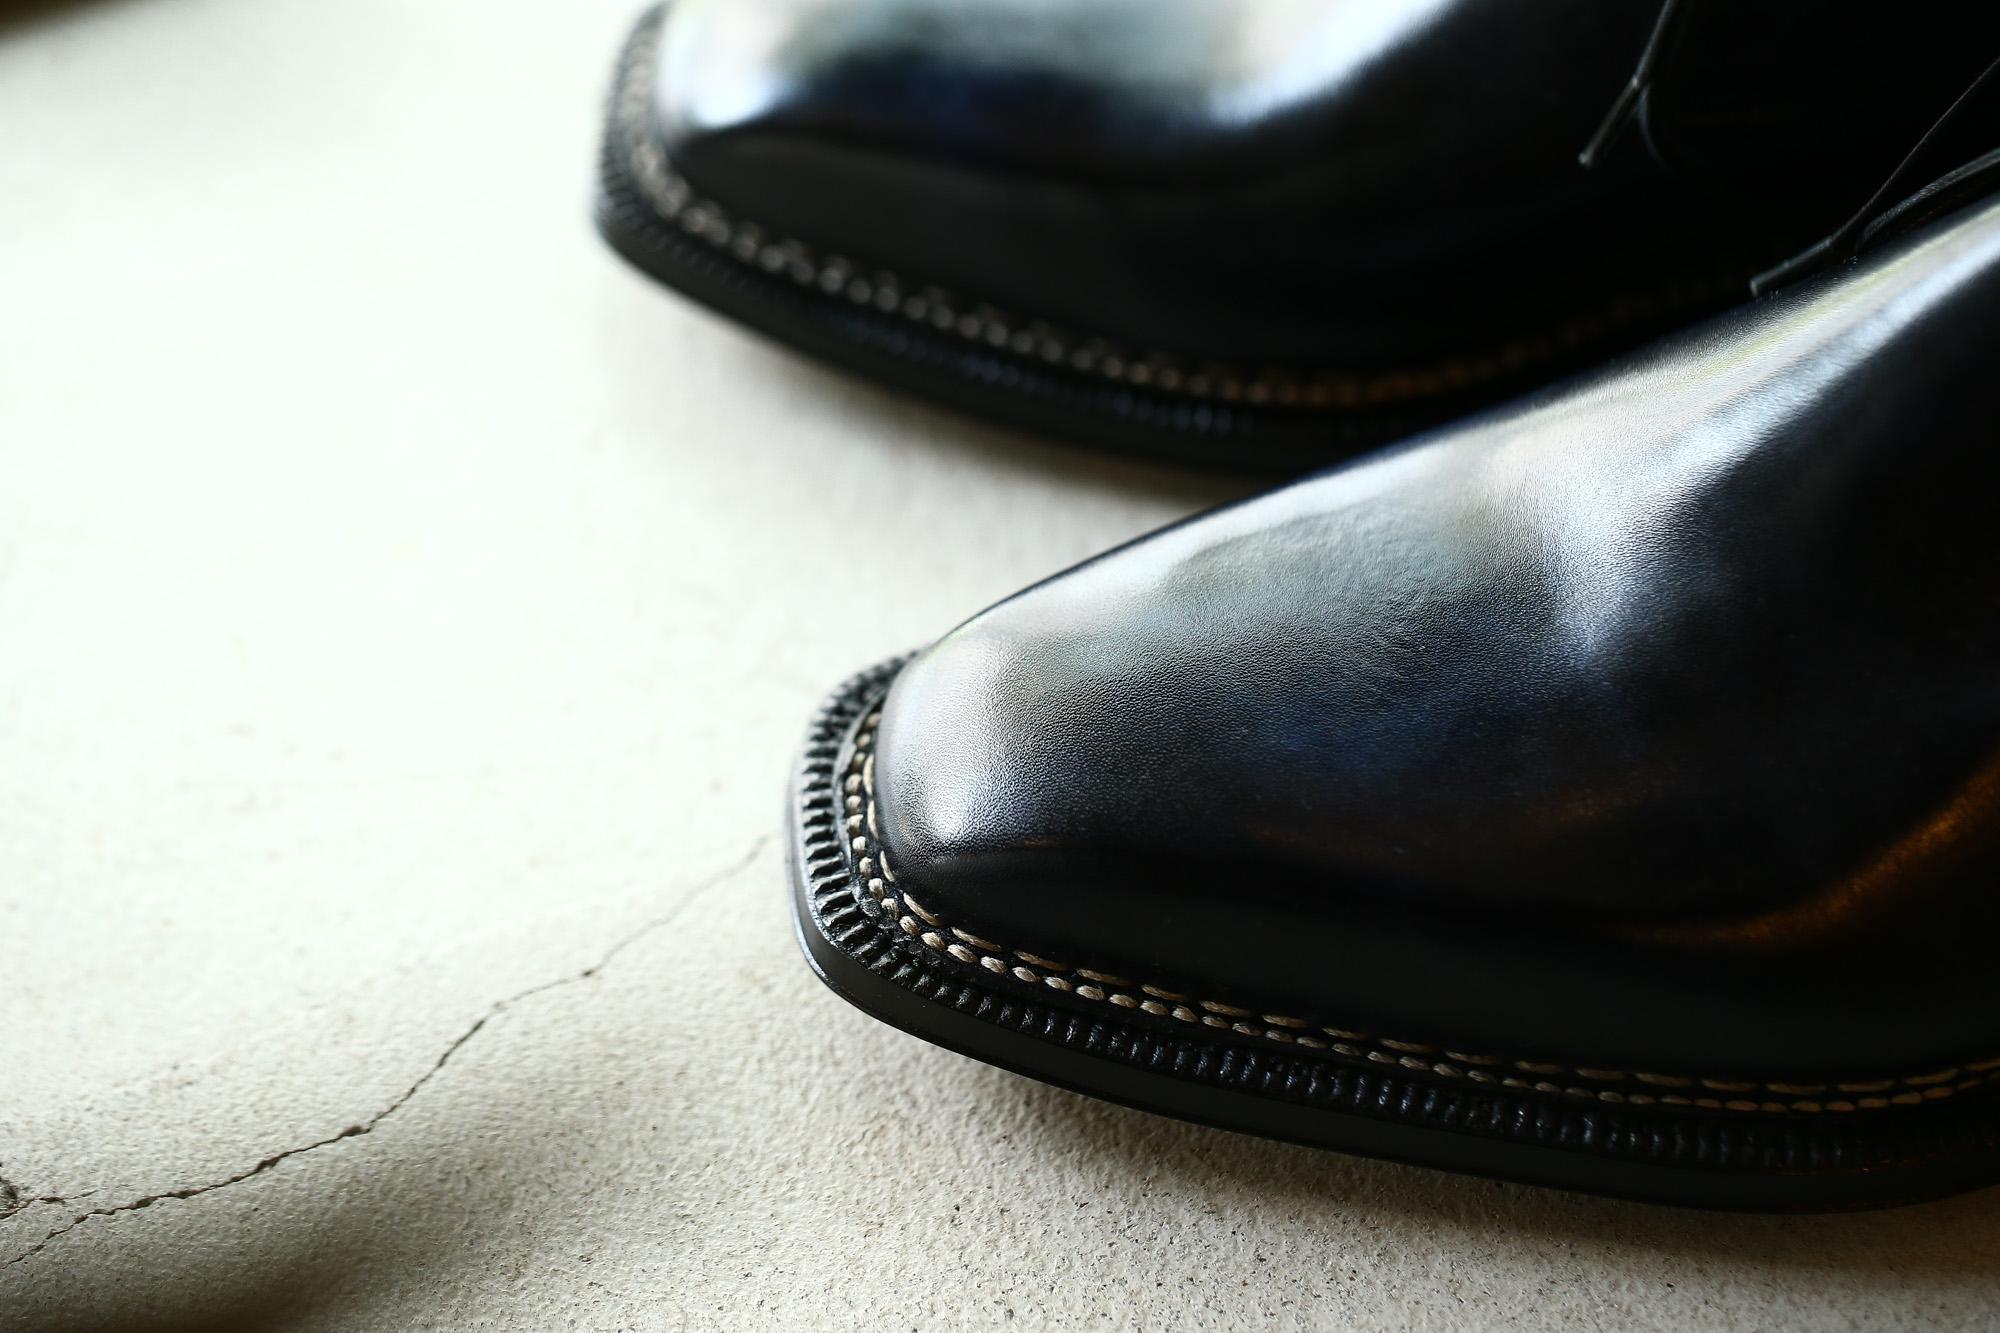 ENZO BONAFE (エンツォボナフェ) ART.3722 Chukka boots Bonaudo Museum Calf Leather ボナウド社 ミュージアムカーフレザー ノルベジェーゼ製法 レザーソール チャッカブーツ DEEP BLUE (ディープブルー) made in Italy(イタリア製) 2018 春夏新作 enzobonafe エンツォボナフェ チャッカブーツ ミュージアムカーフ チャッカブーツ 愛知 名古屋 ZODIAC ゾディアック alto e diritto アルトエデリット